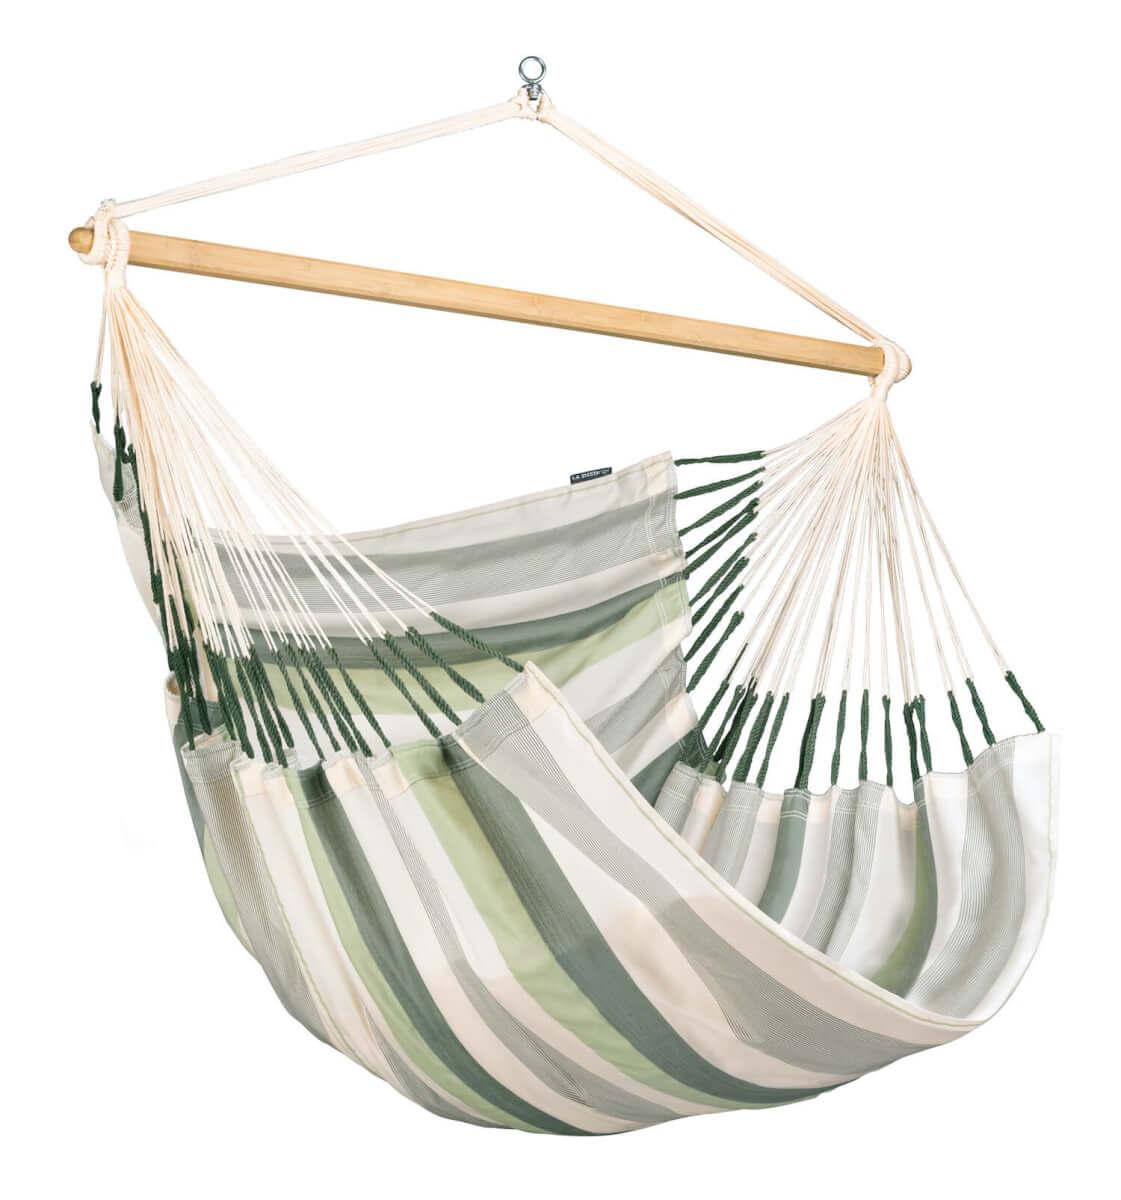 Vodoodporen viseči stol Domingo ponuja veliko prostora za sanjarjenje na prostem. Je zelo velik in vam omogoča